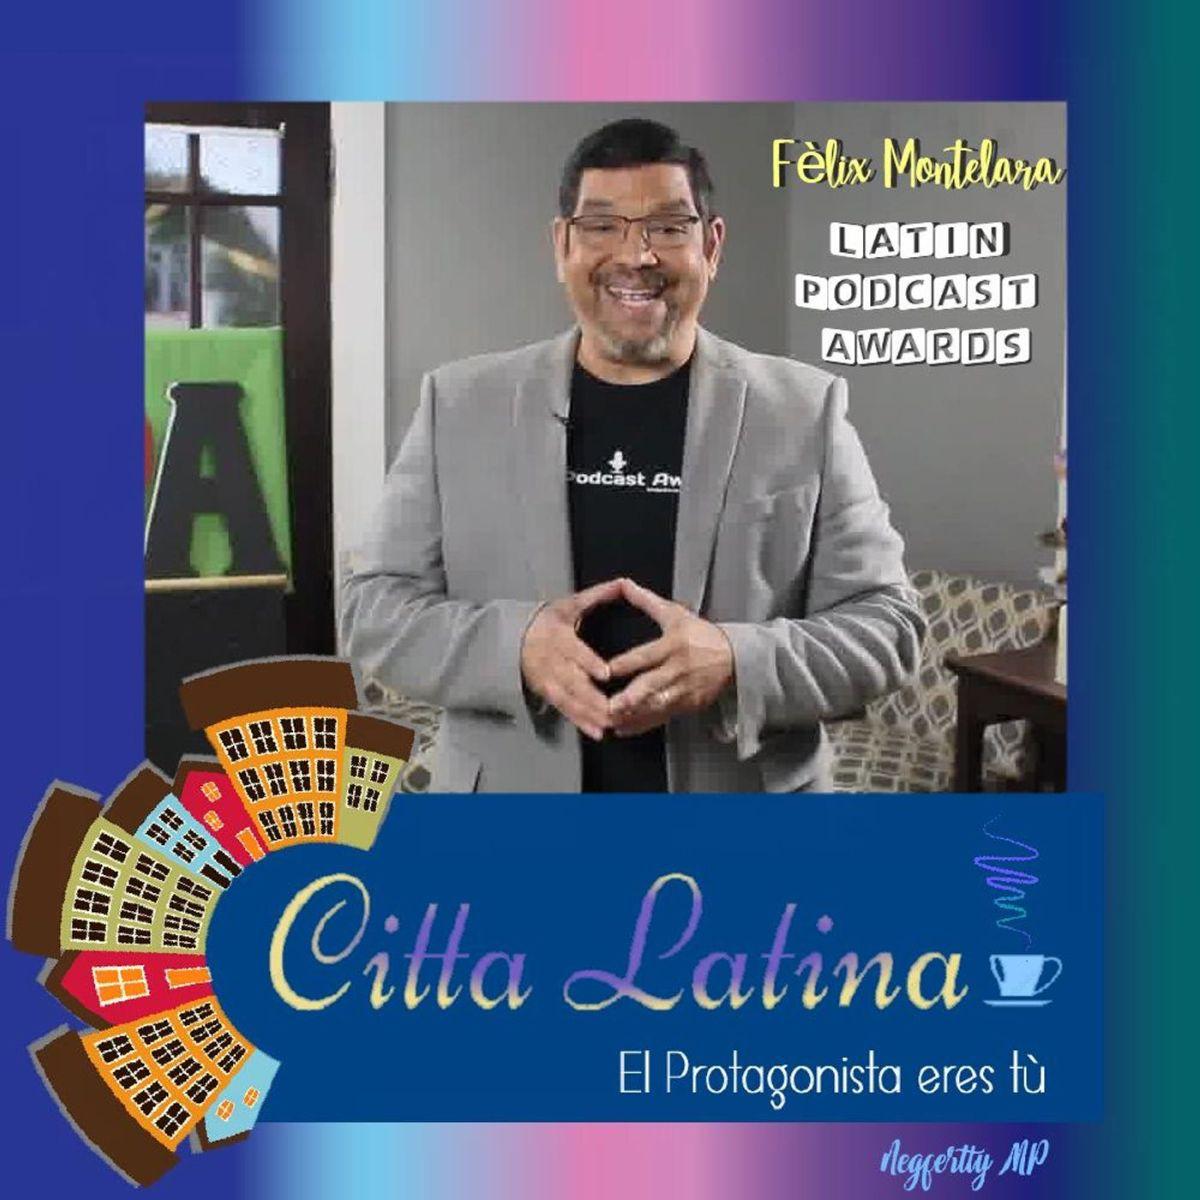 Entrevista a Felix Montelara y los Latin Podcast Awards